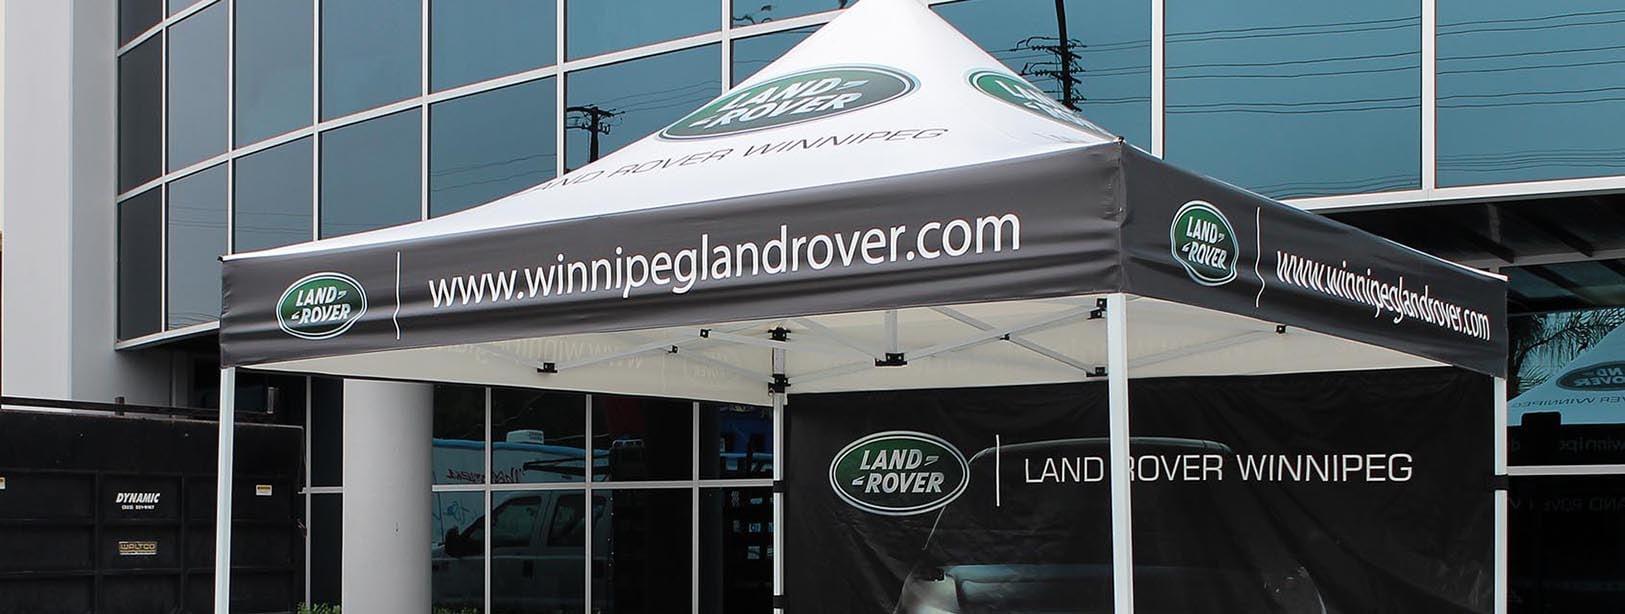 land-rover-header.jpg